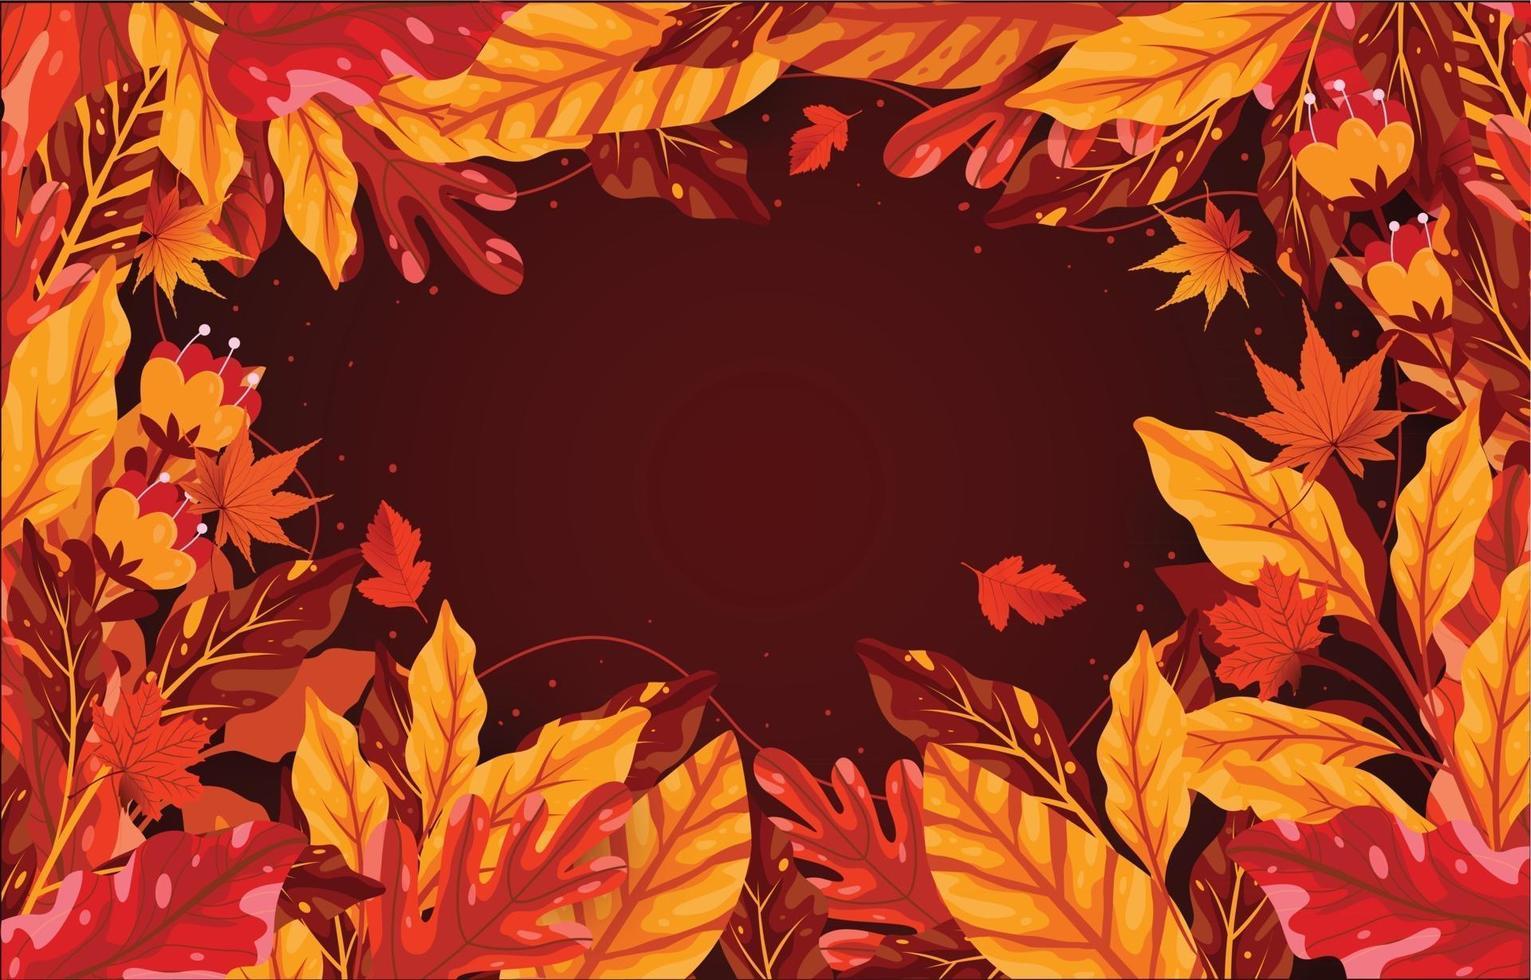 fond de bordure de feuillage d'automne brillant vecteur